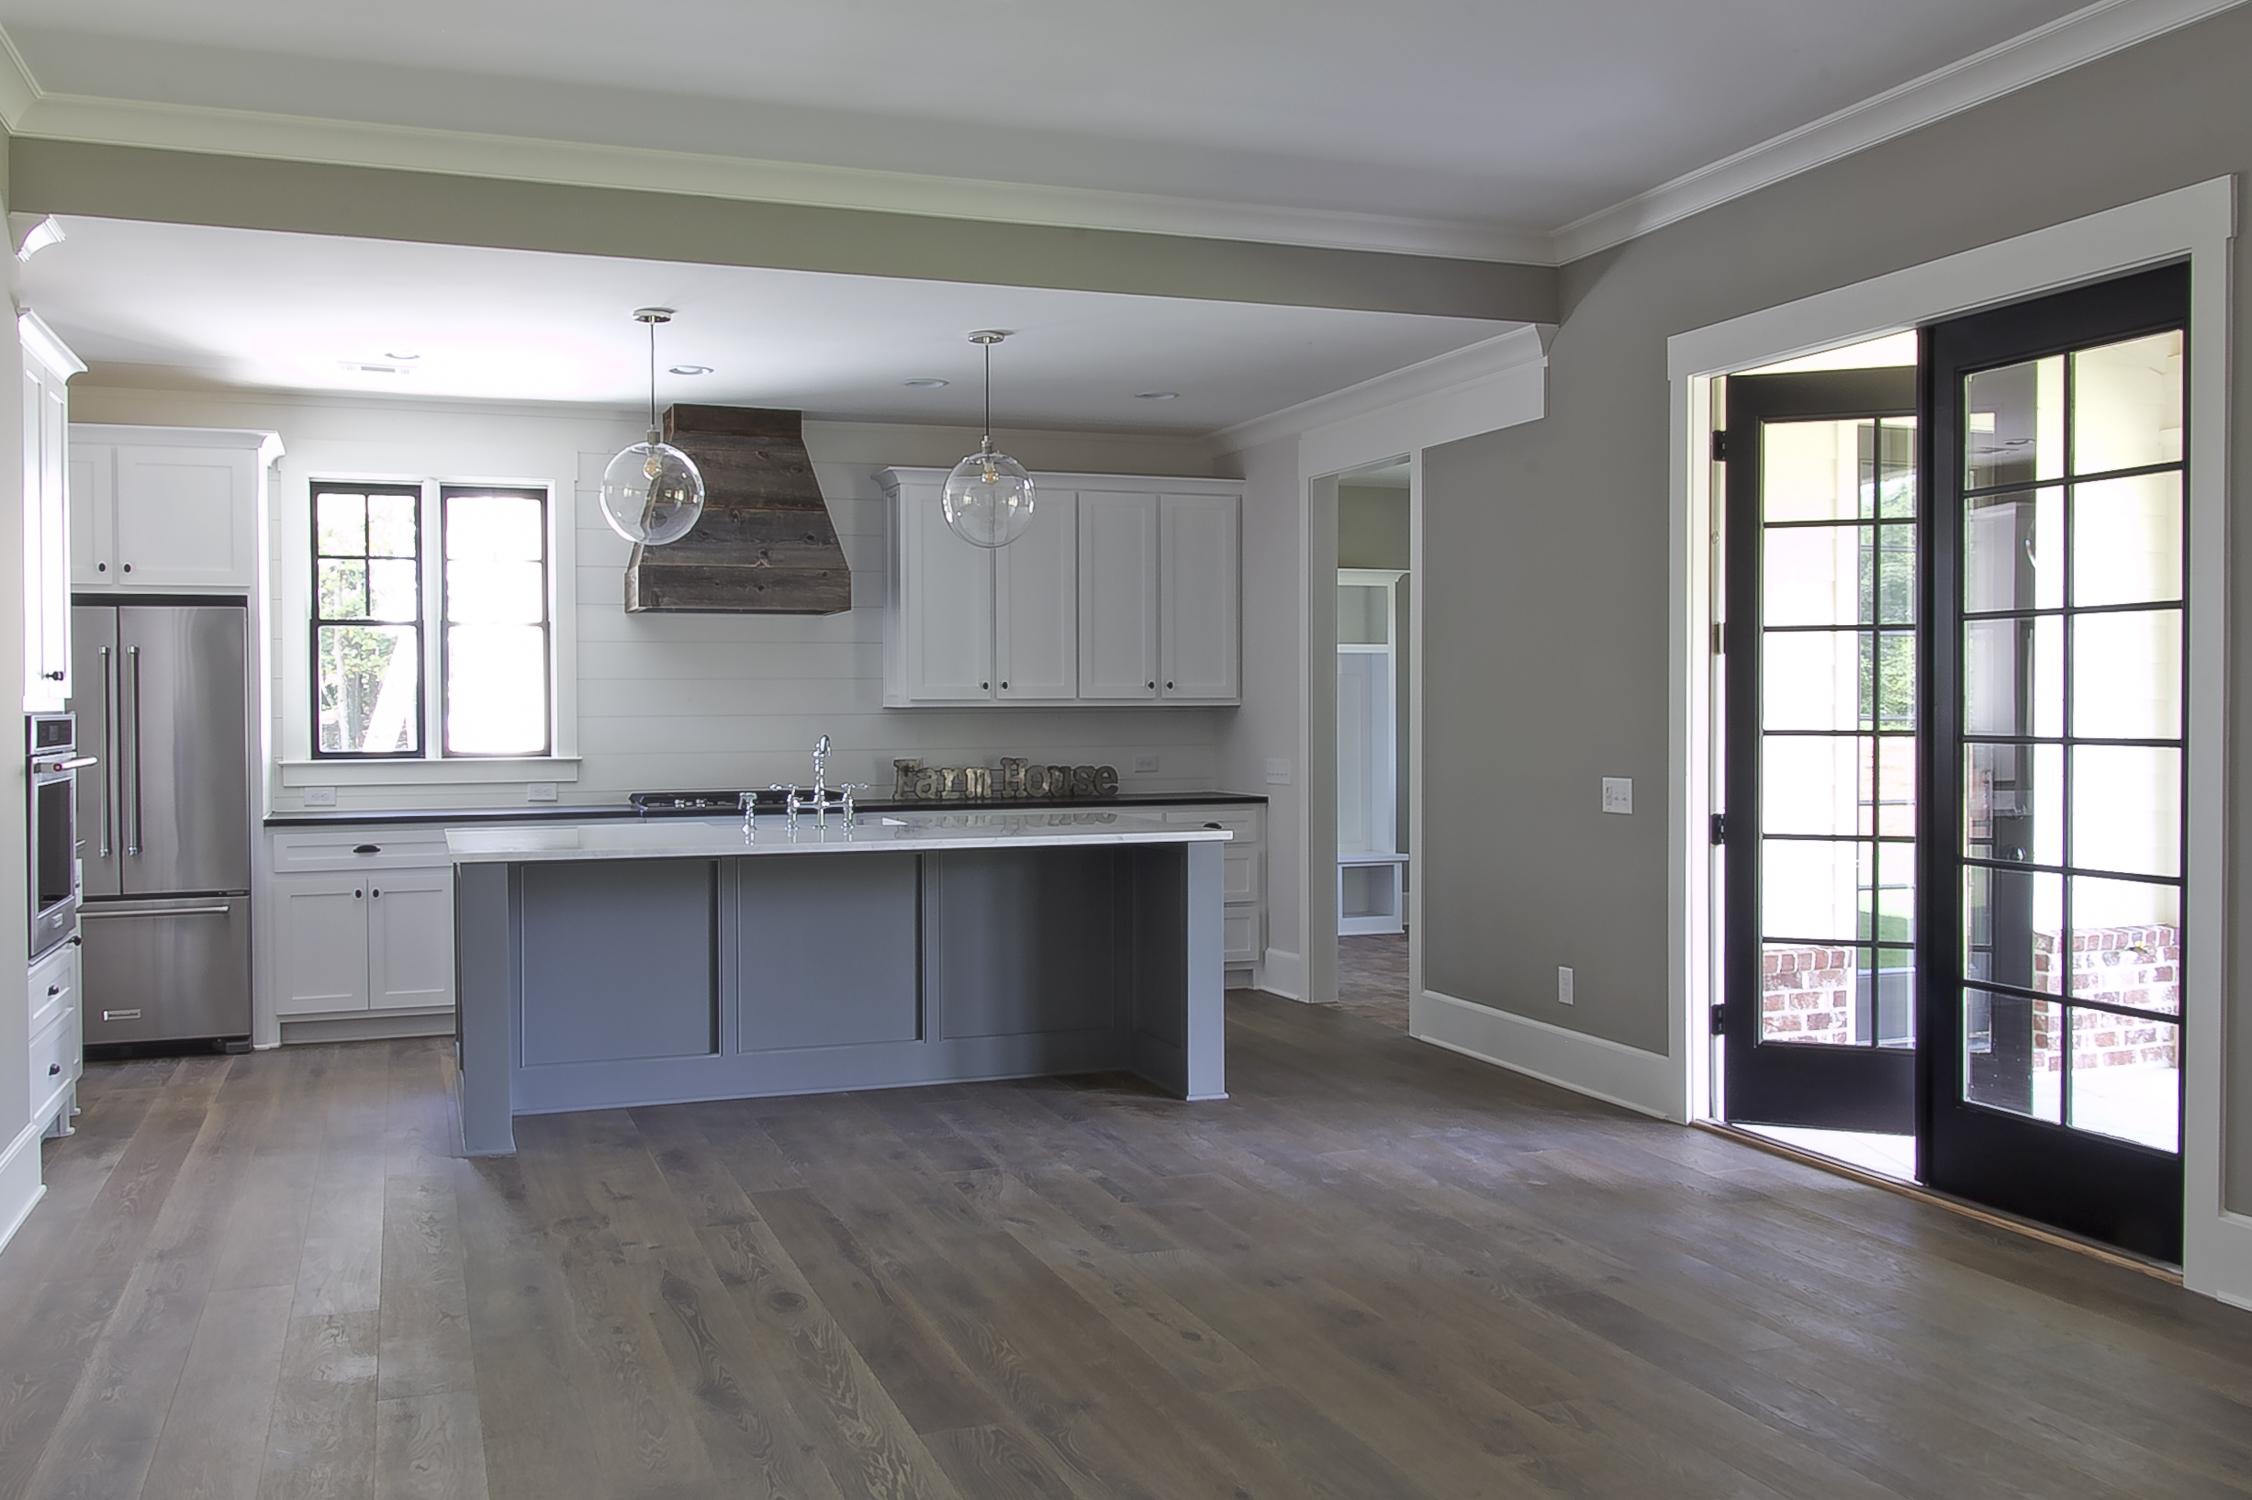 longstreet kitchen full.jpg